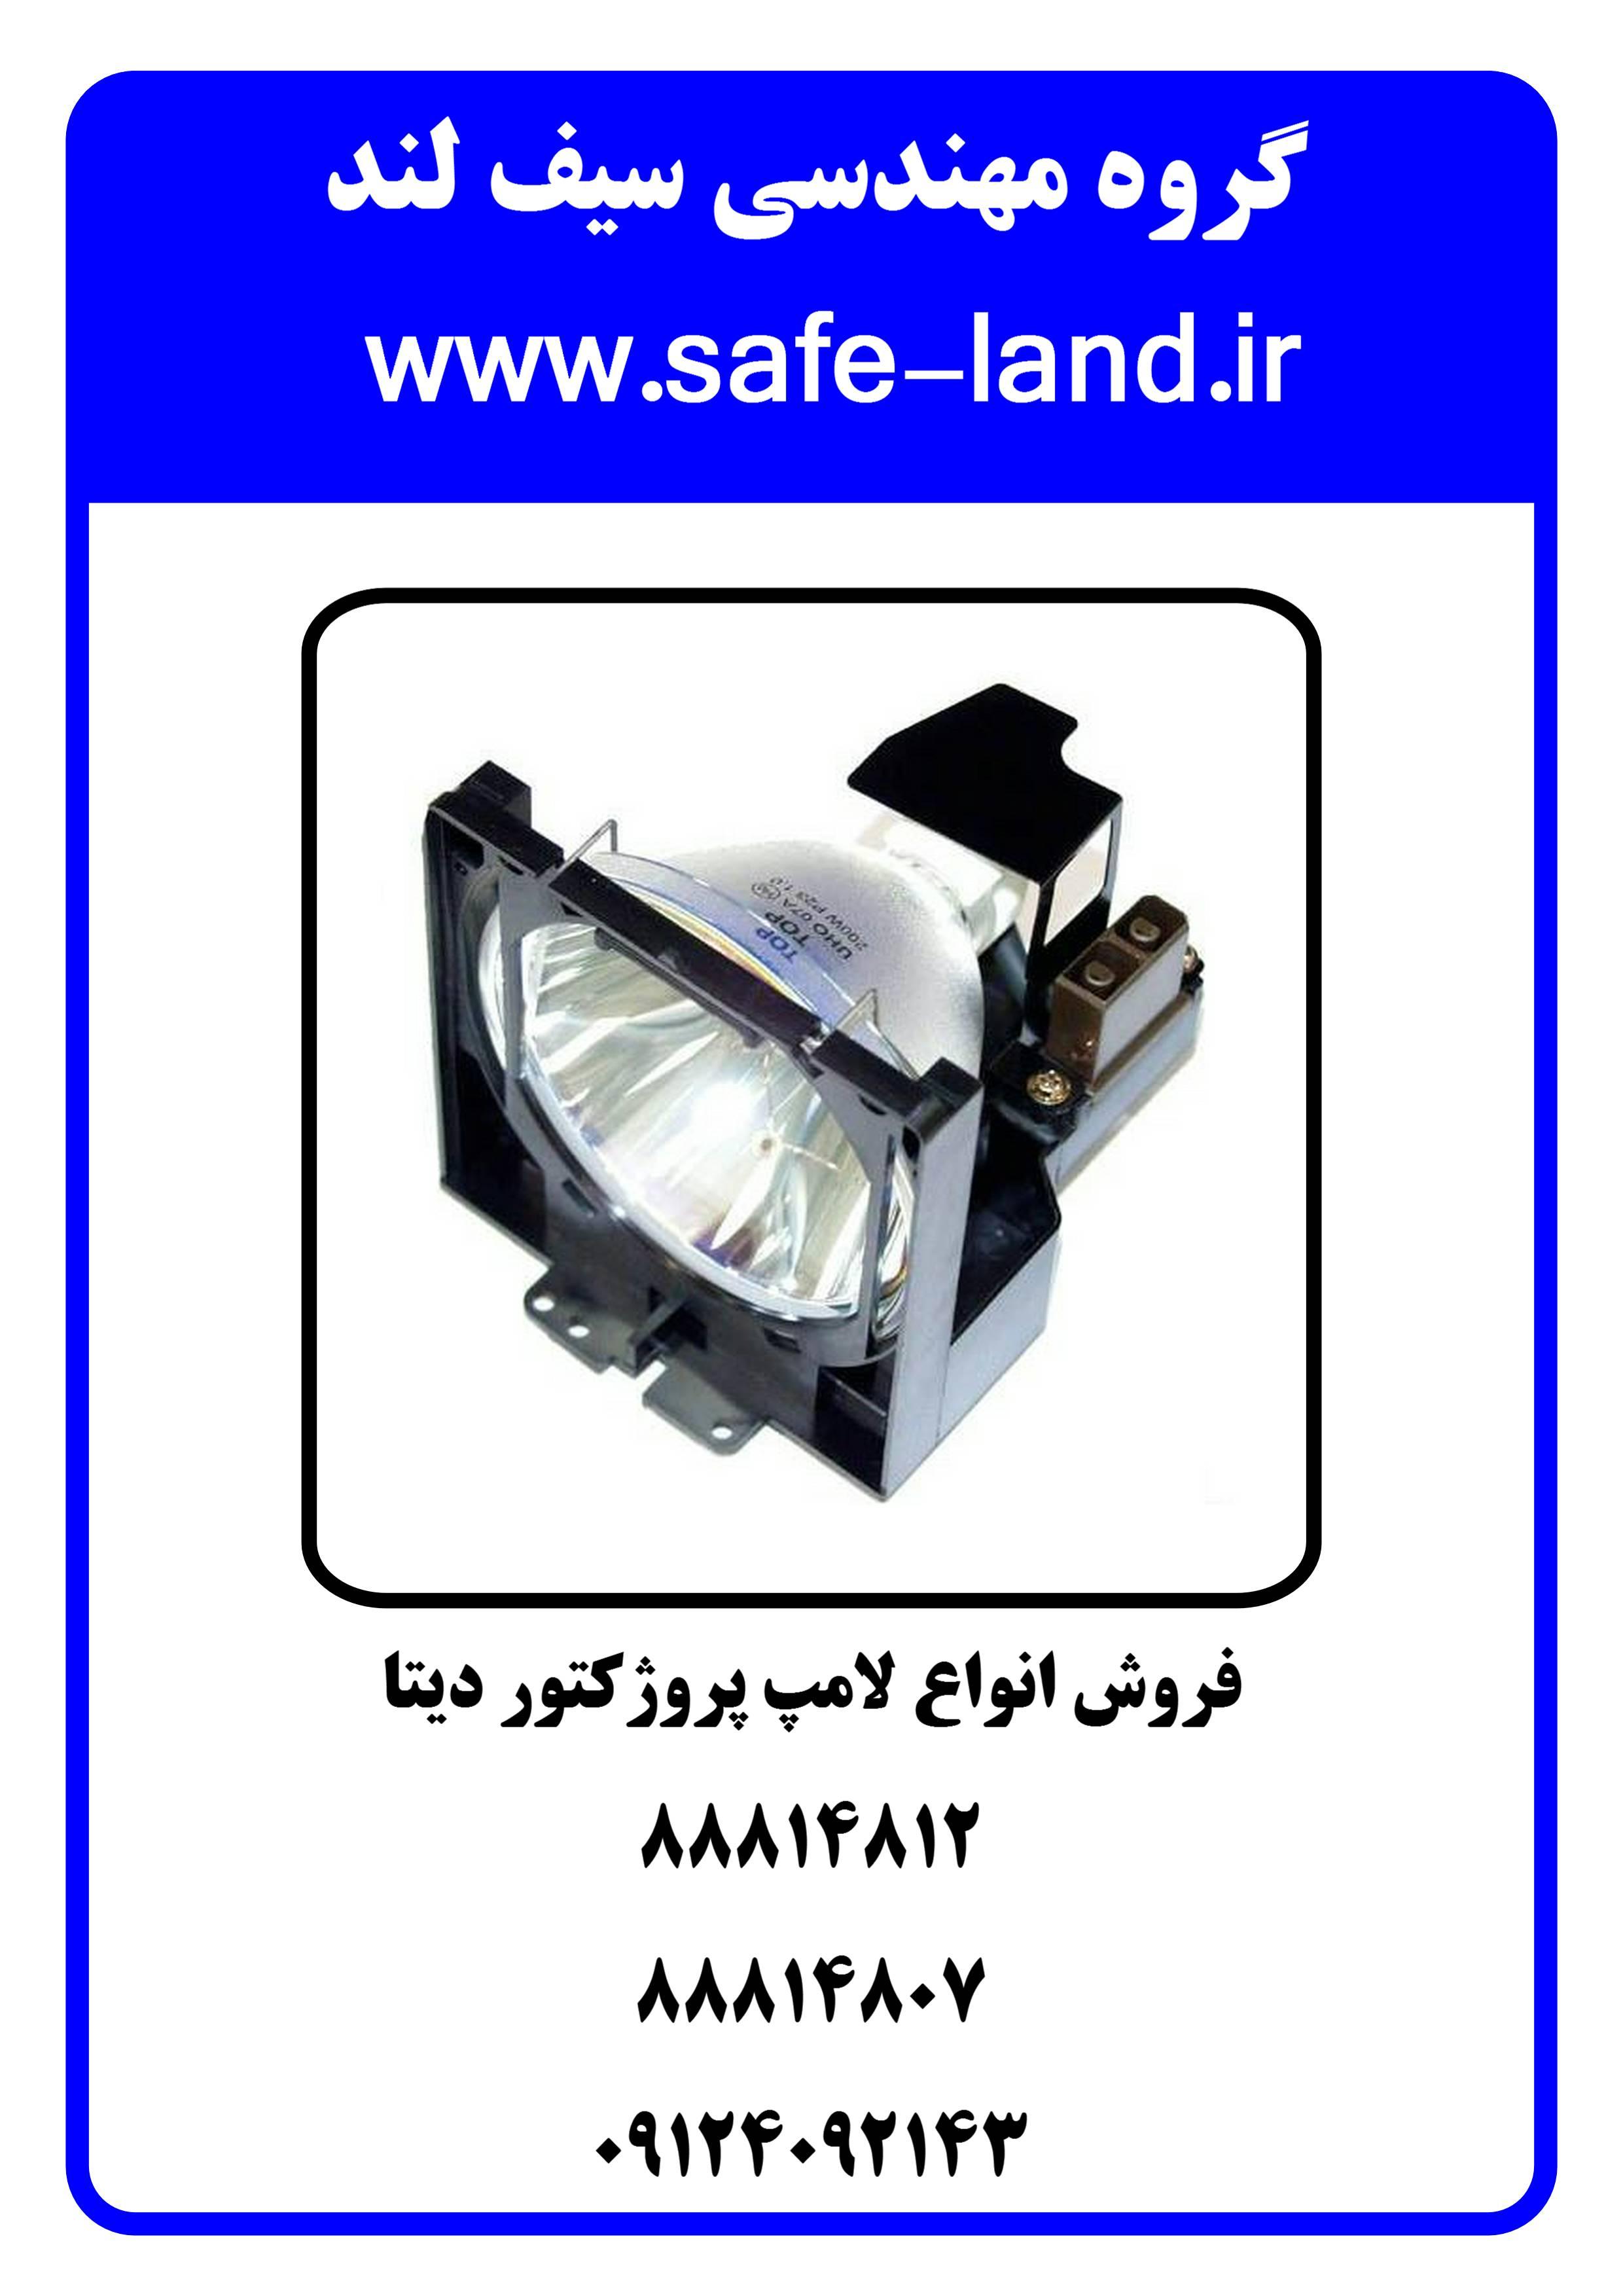 فروش انواع لامپ پروژکتور دیتا گروه مهندسی سیف لند1